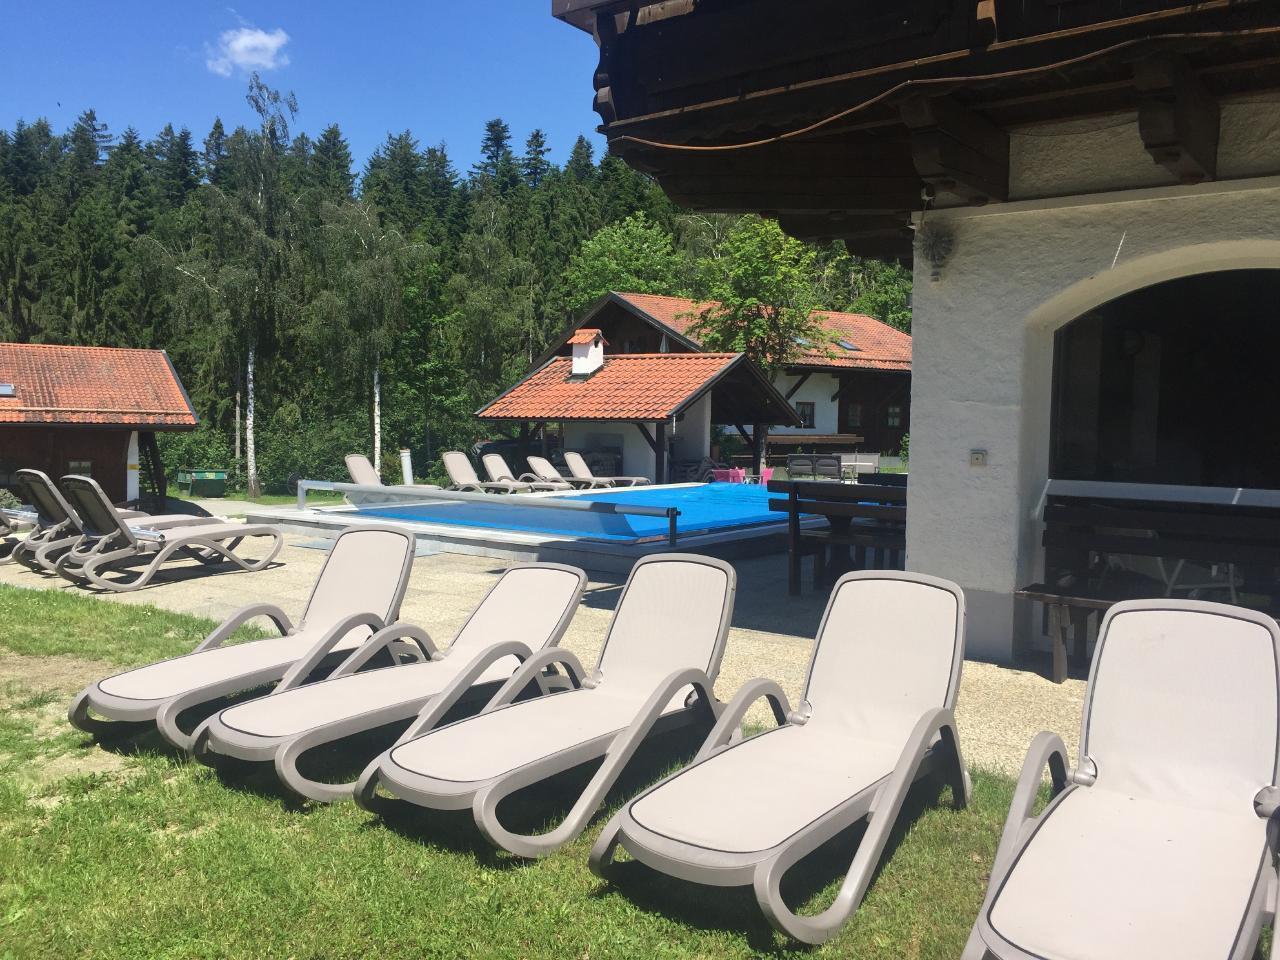 Ferienwohnung Große Ferienwohnung mit Pool, Schwimmbad und Sauna (1150916), Hauzenberg, Bayerischer Wald, Bayern, Deutschland, Bild 24